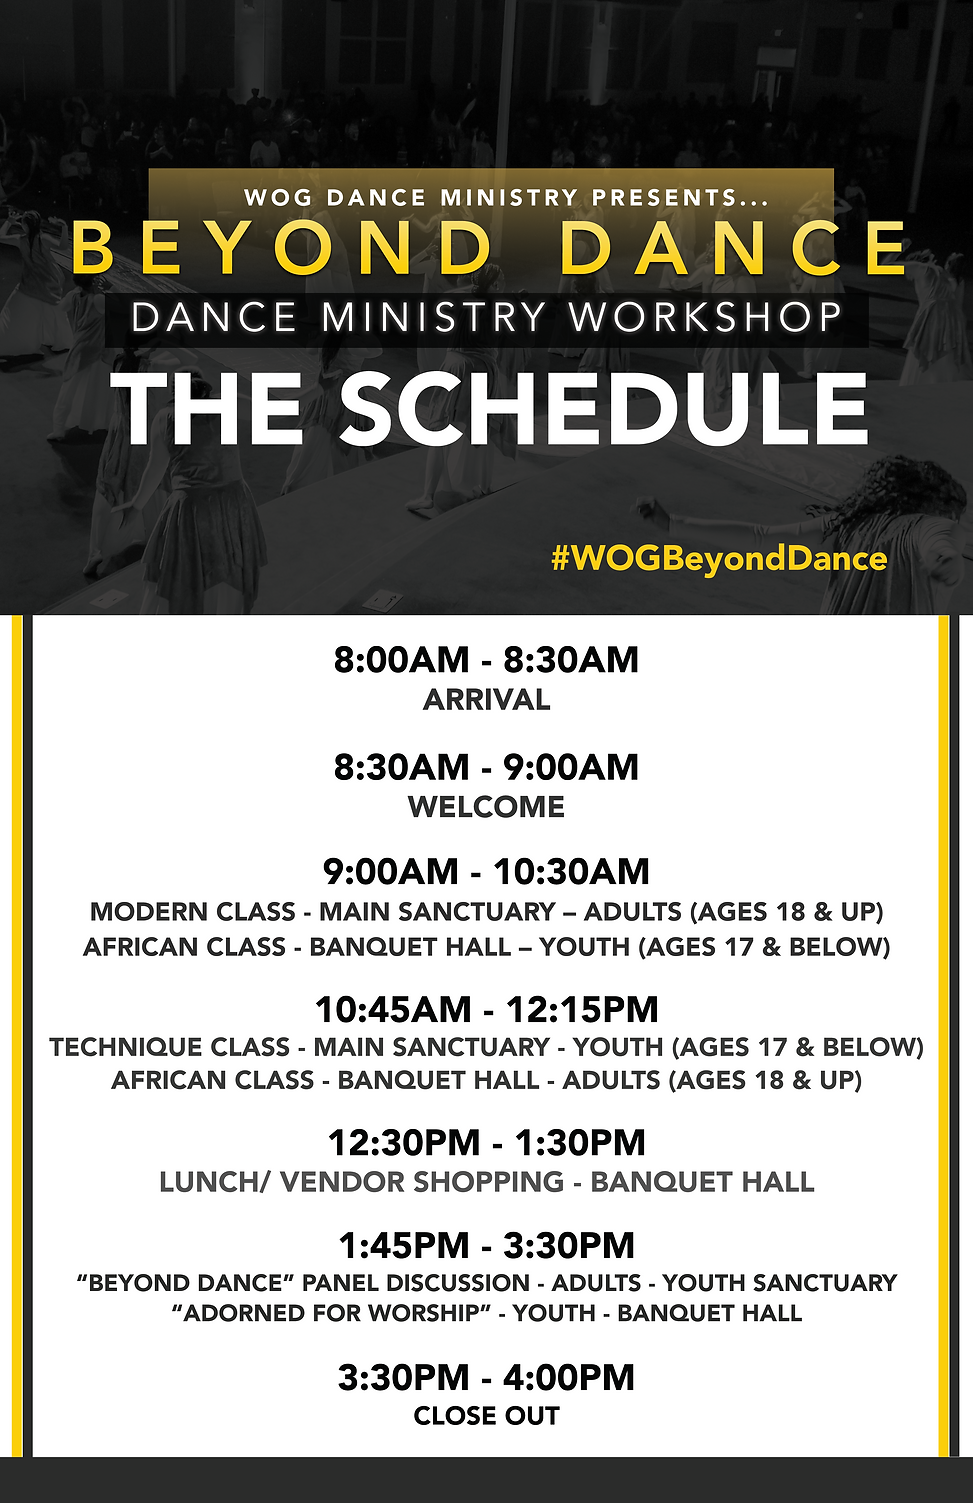 DanceWorkshopSchedule.png